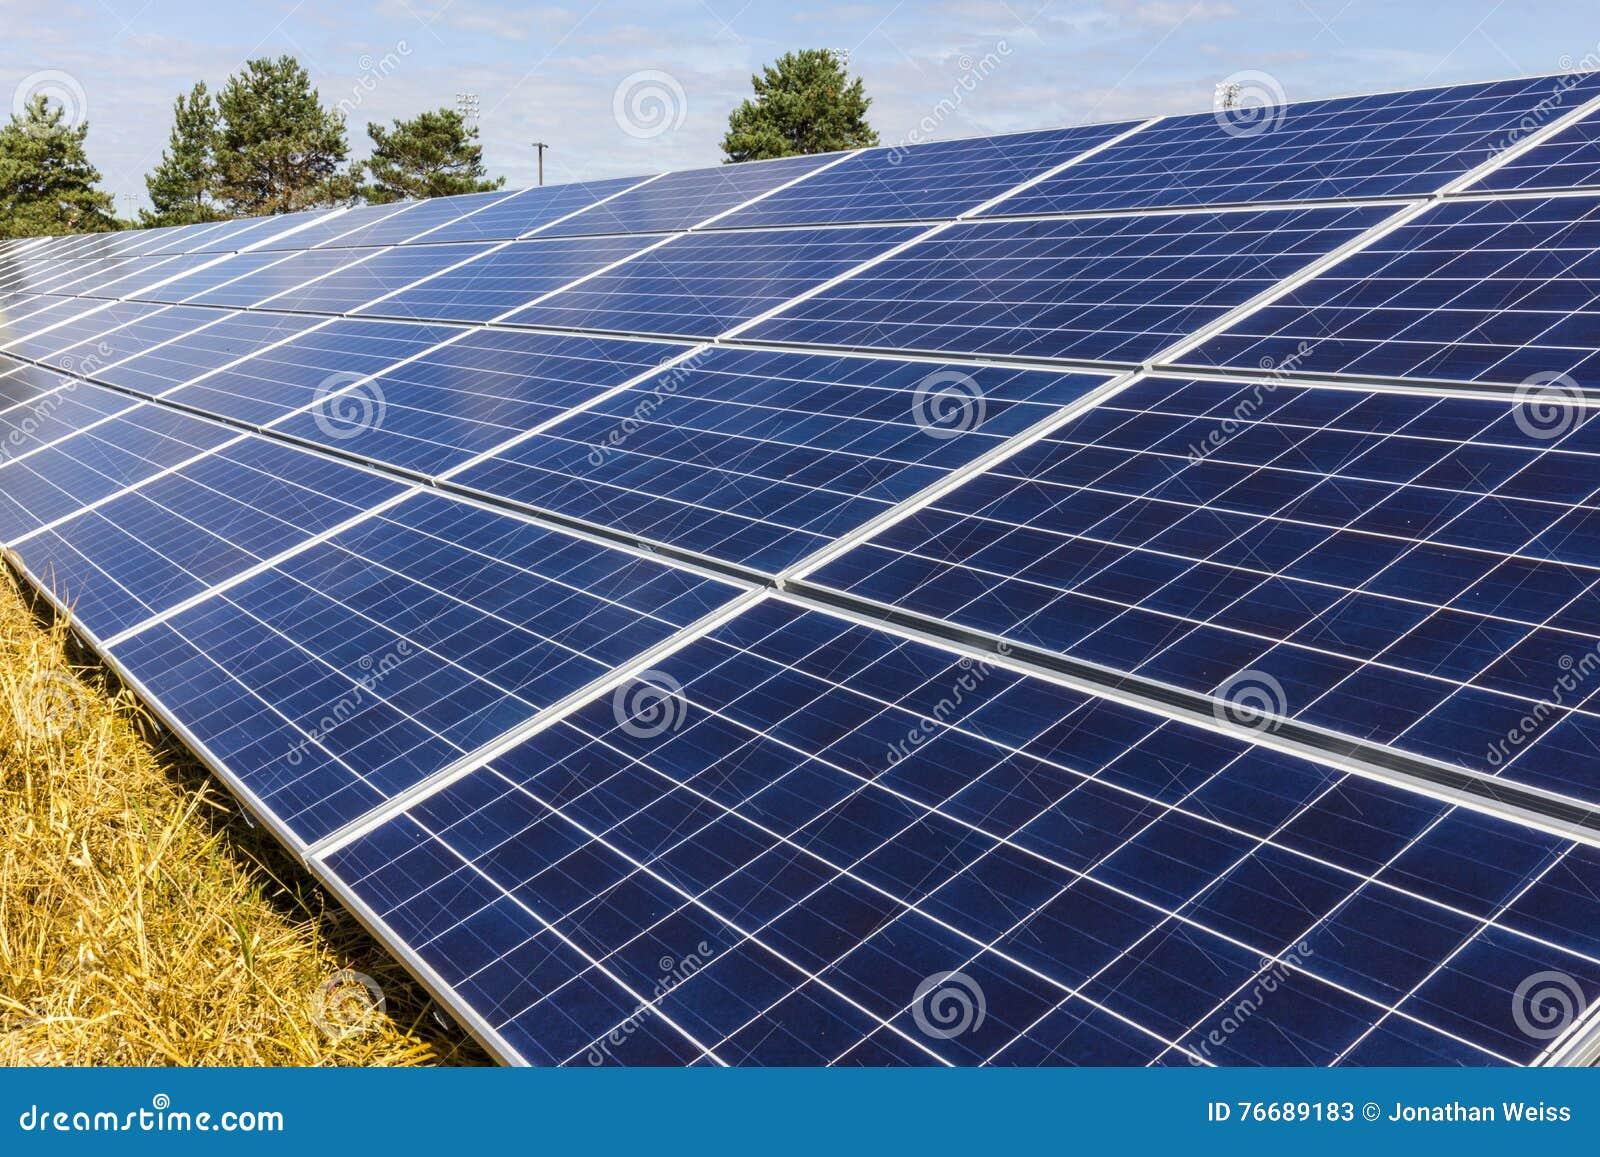 Αγρόκτημα ηλιακού πλαισίου Οι τομείς καλαμποκιού μετατρέπονται στις πράσινες ενεργειακές περιοχές χρησιμοποιώντας τα φωτοβολταϊκά